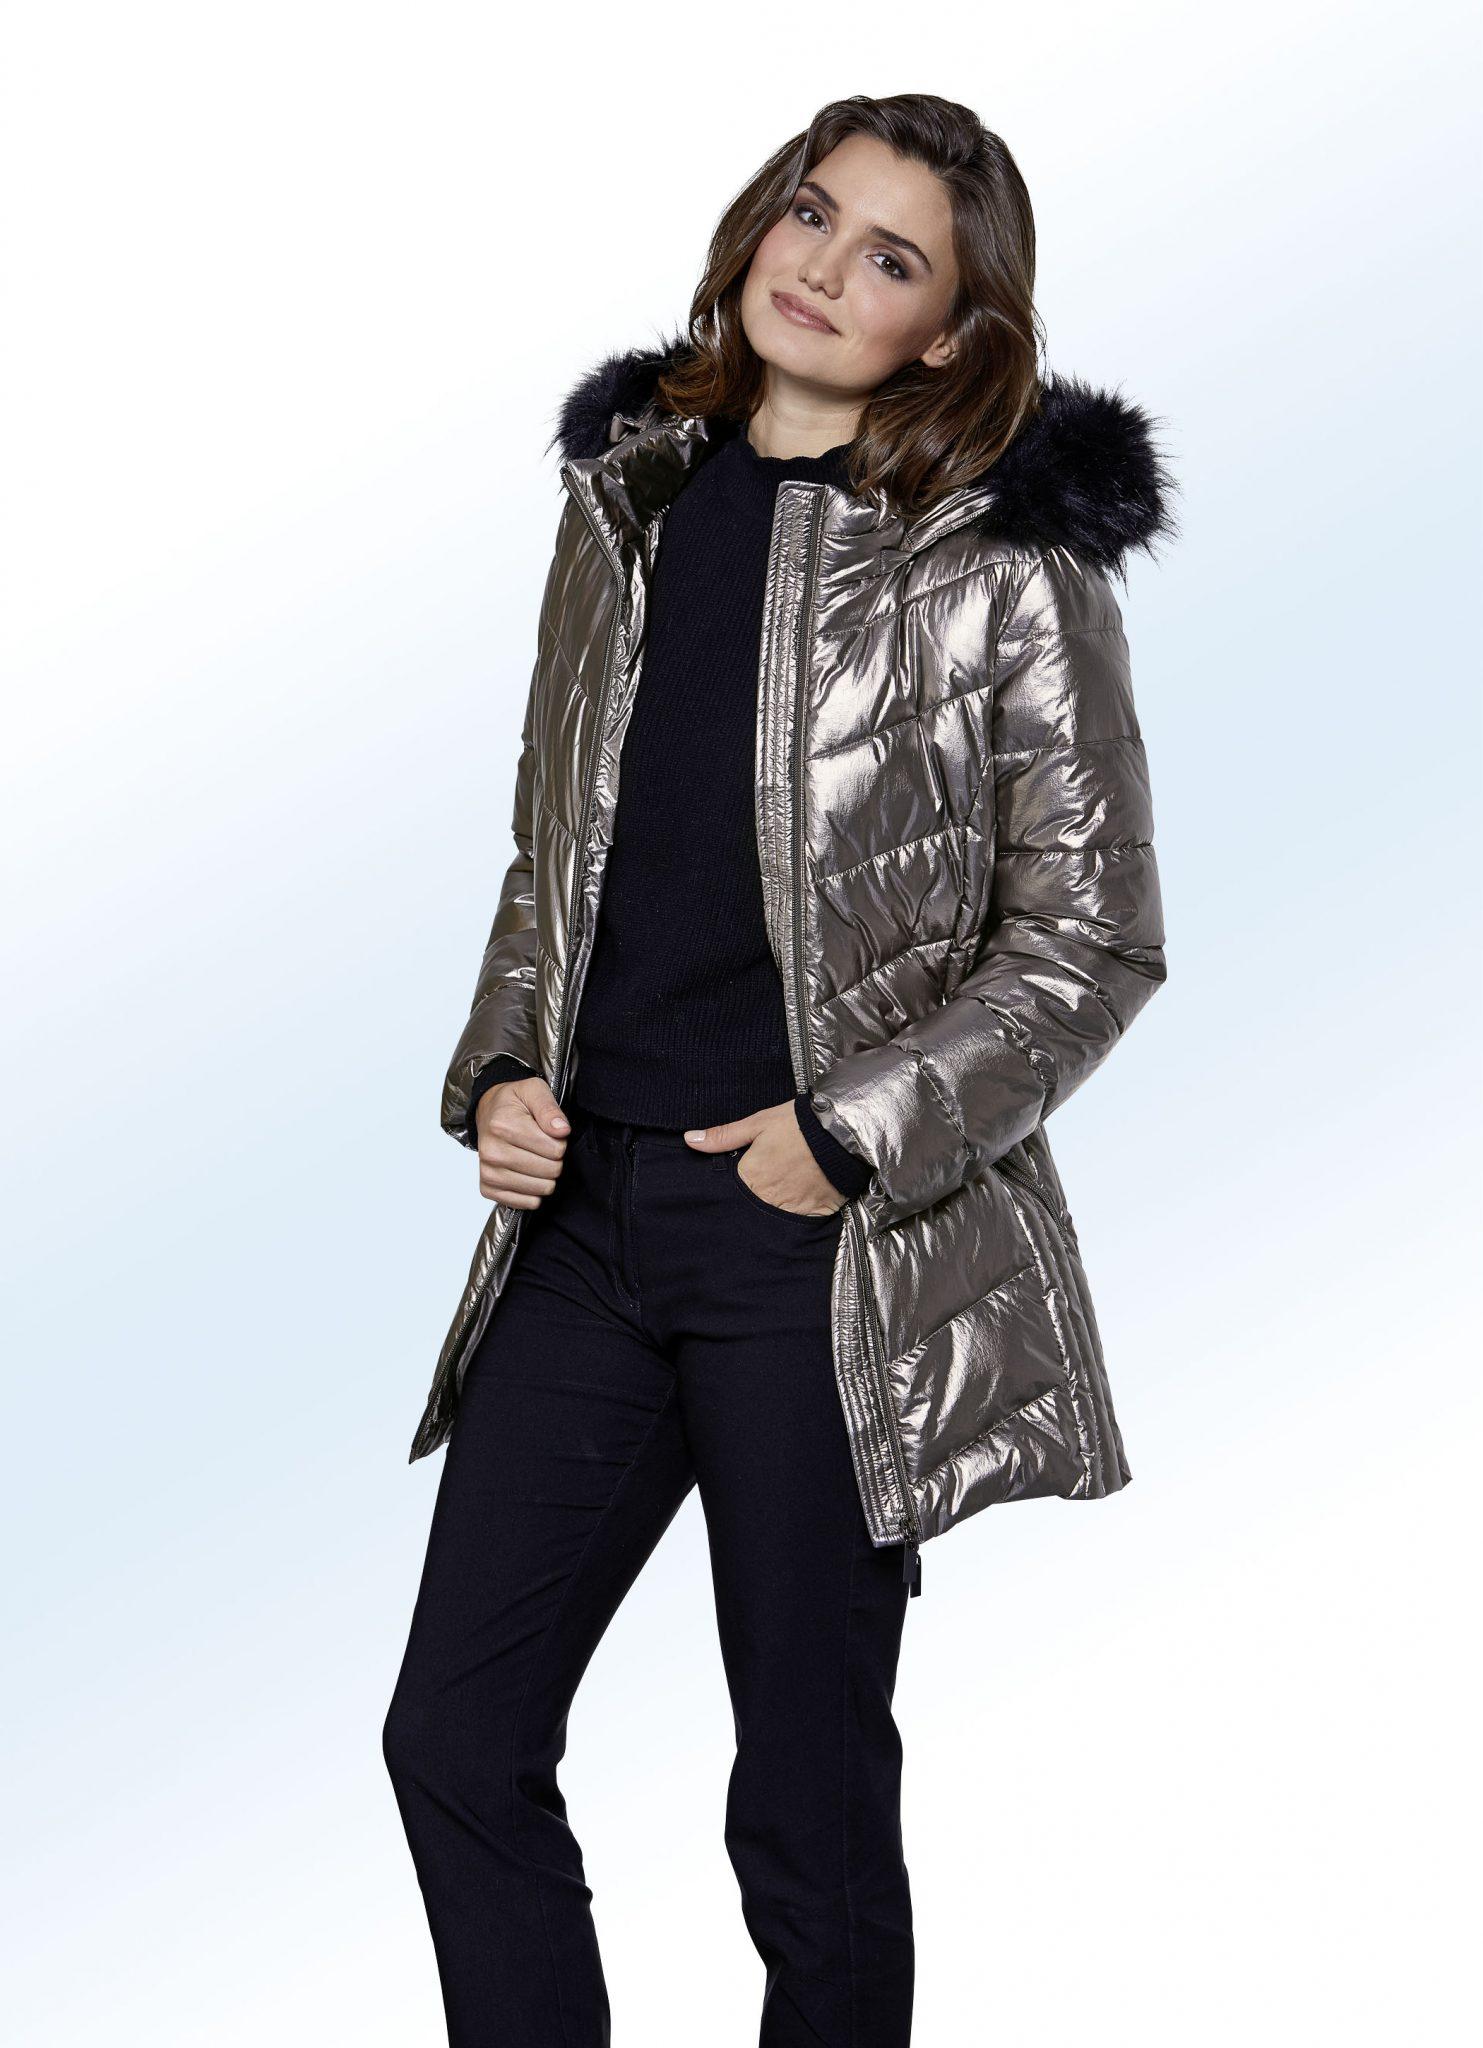 Modetrends für den Herbst & Winter 2020/21 für Damen